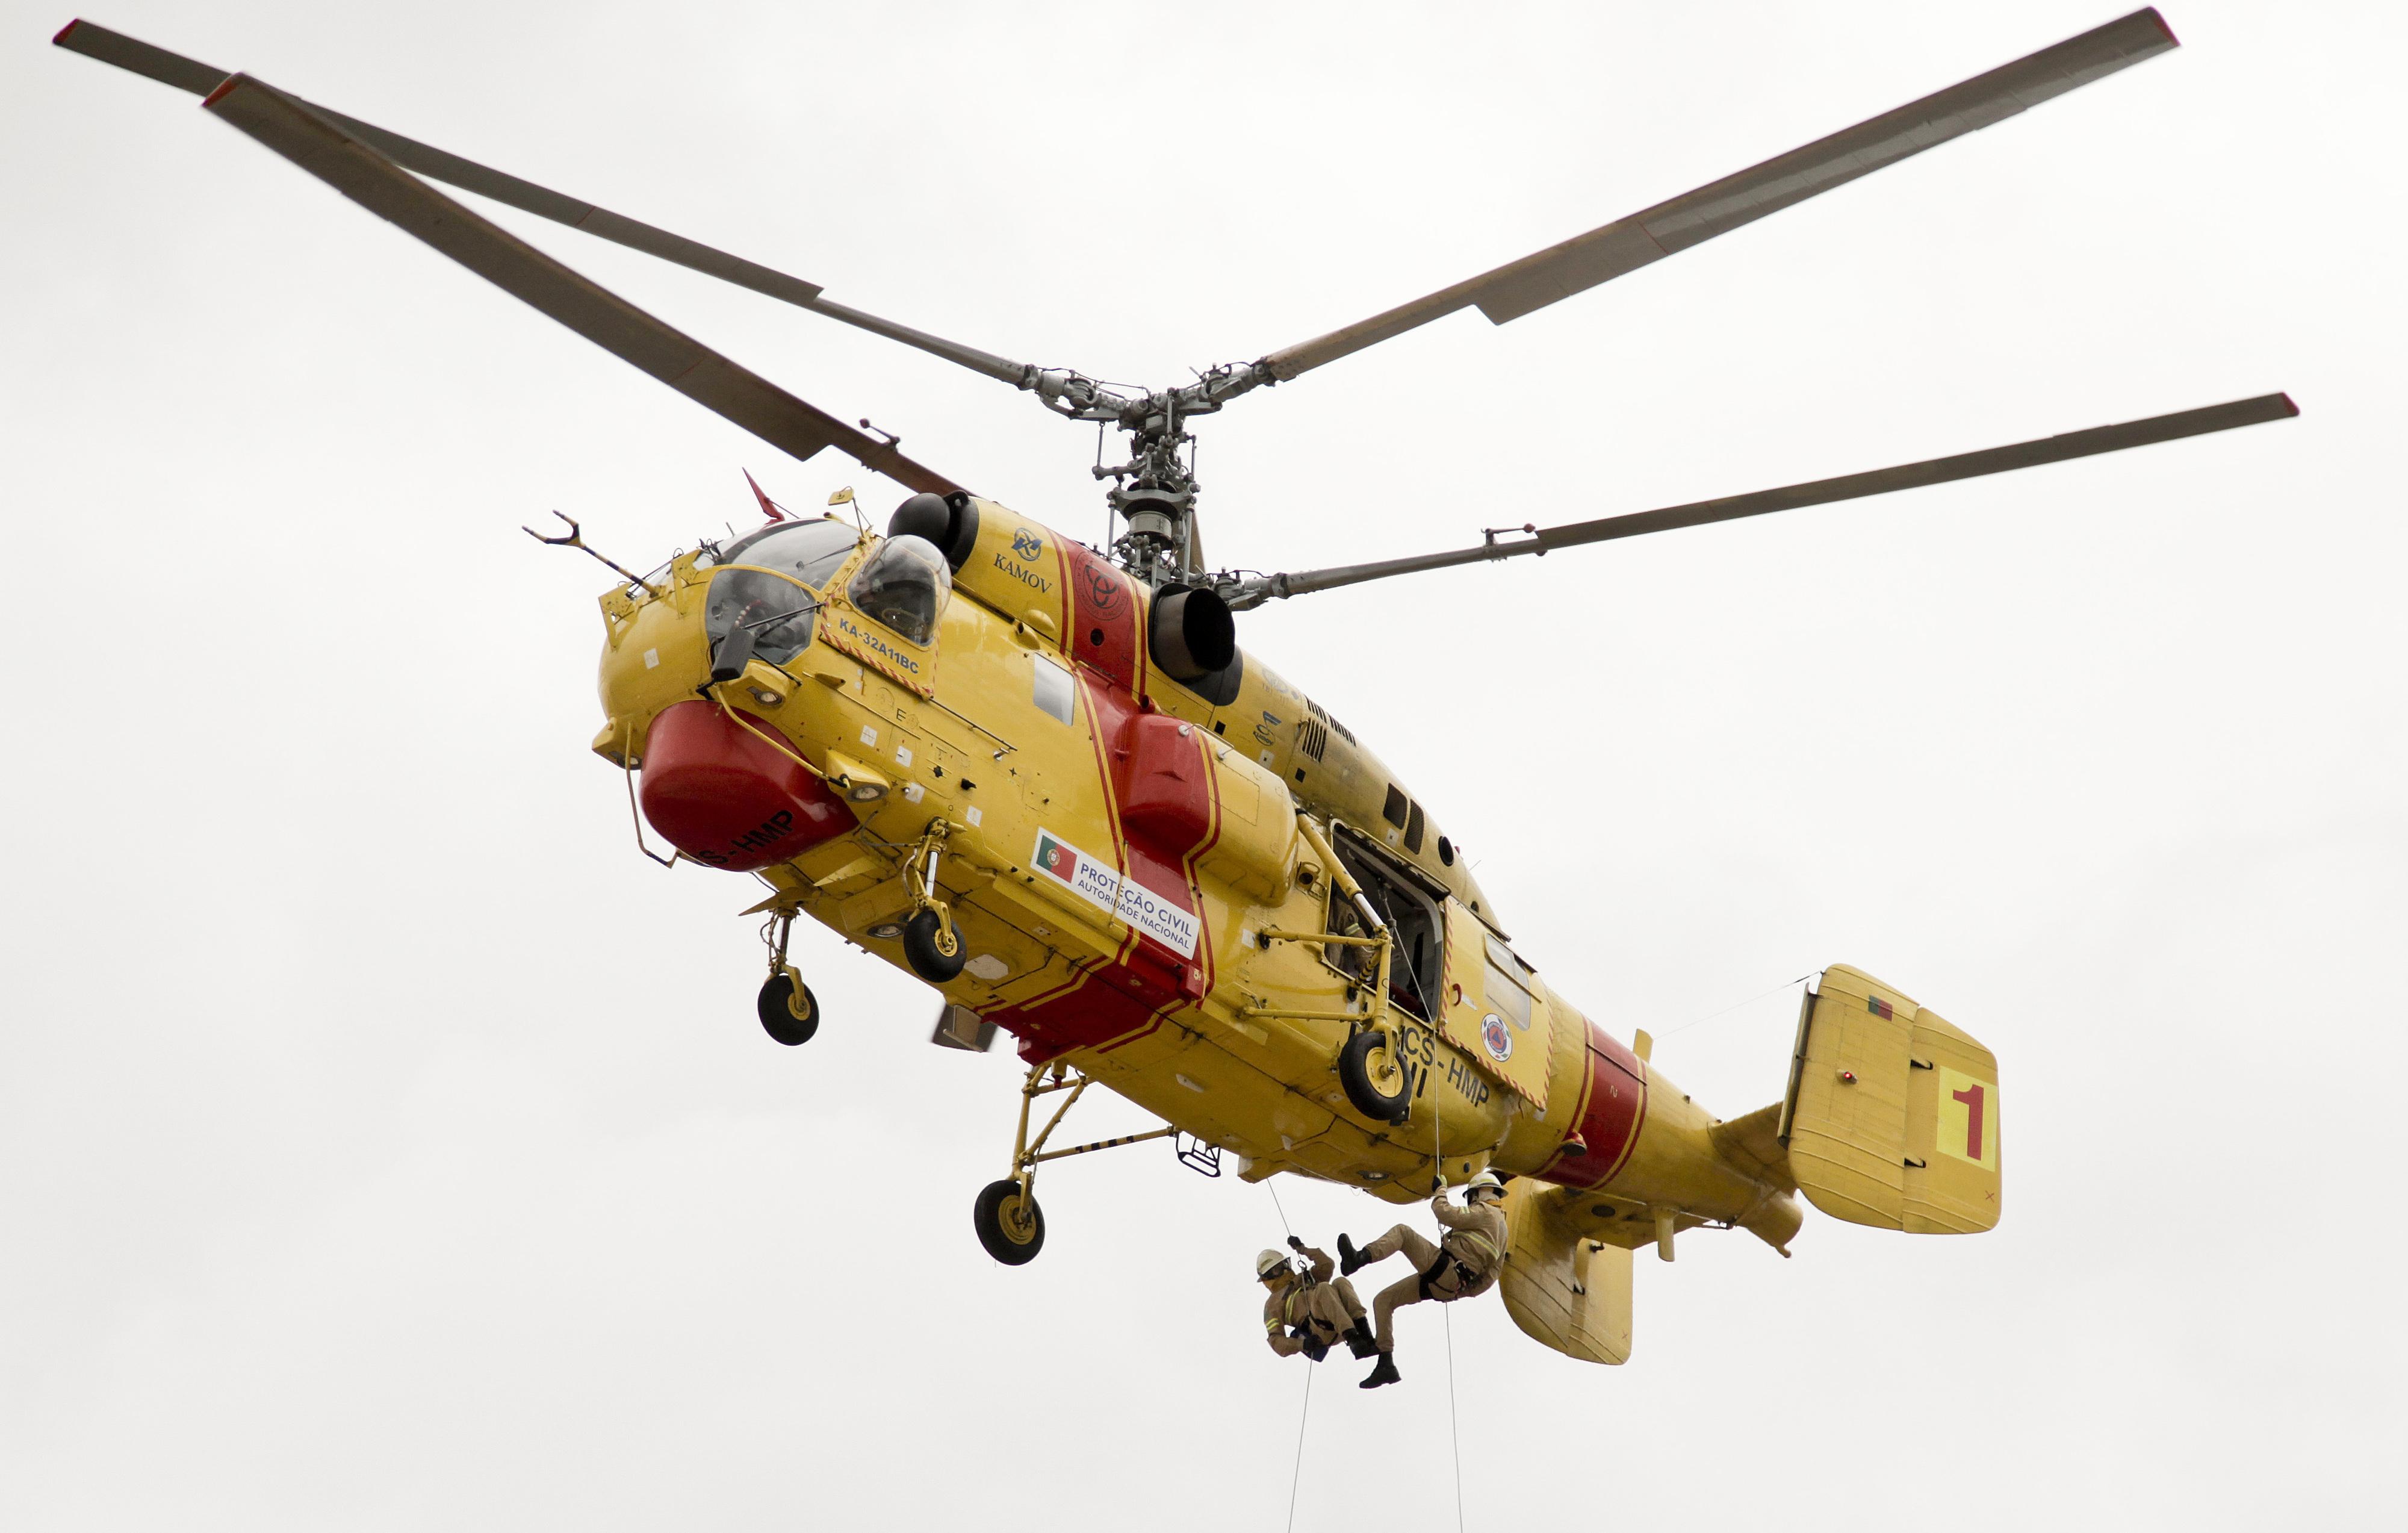 Helicópteros Kamov vão parar para revisão, mas Governo garante que época de fogos não é afetada